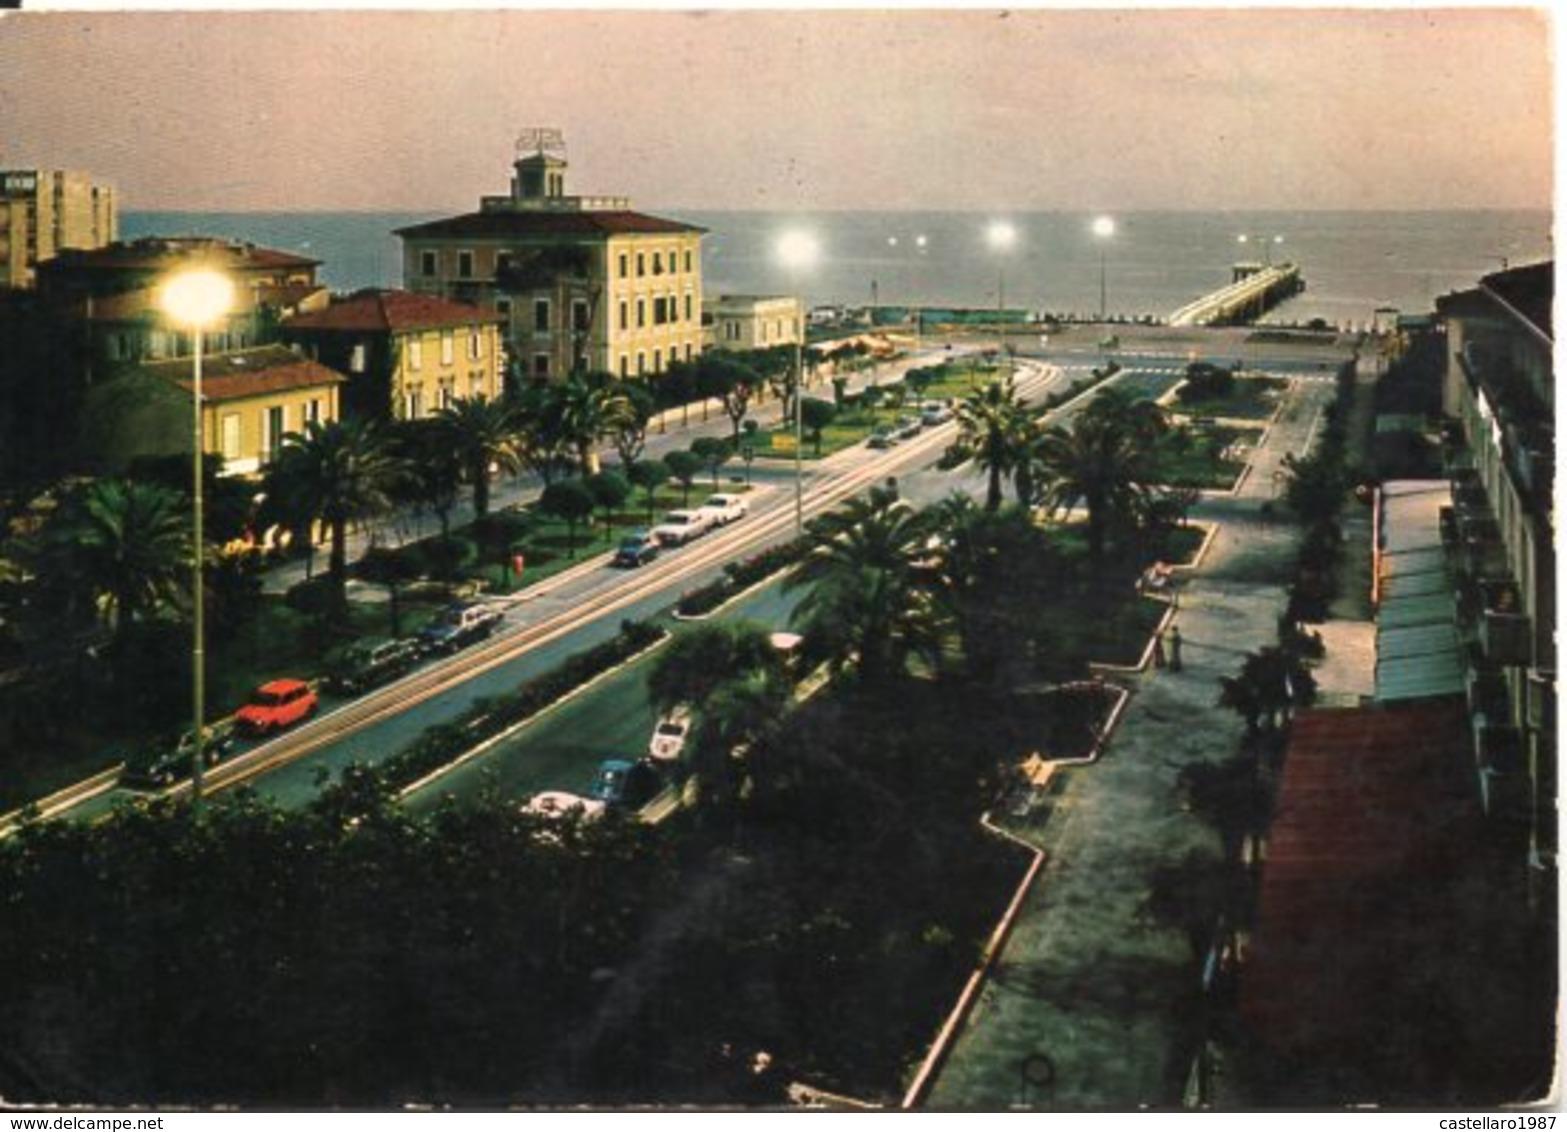 MARINA DI MASSA - Piazza Betti - Notturno - Massa